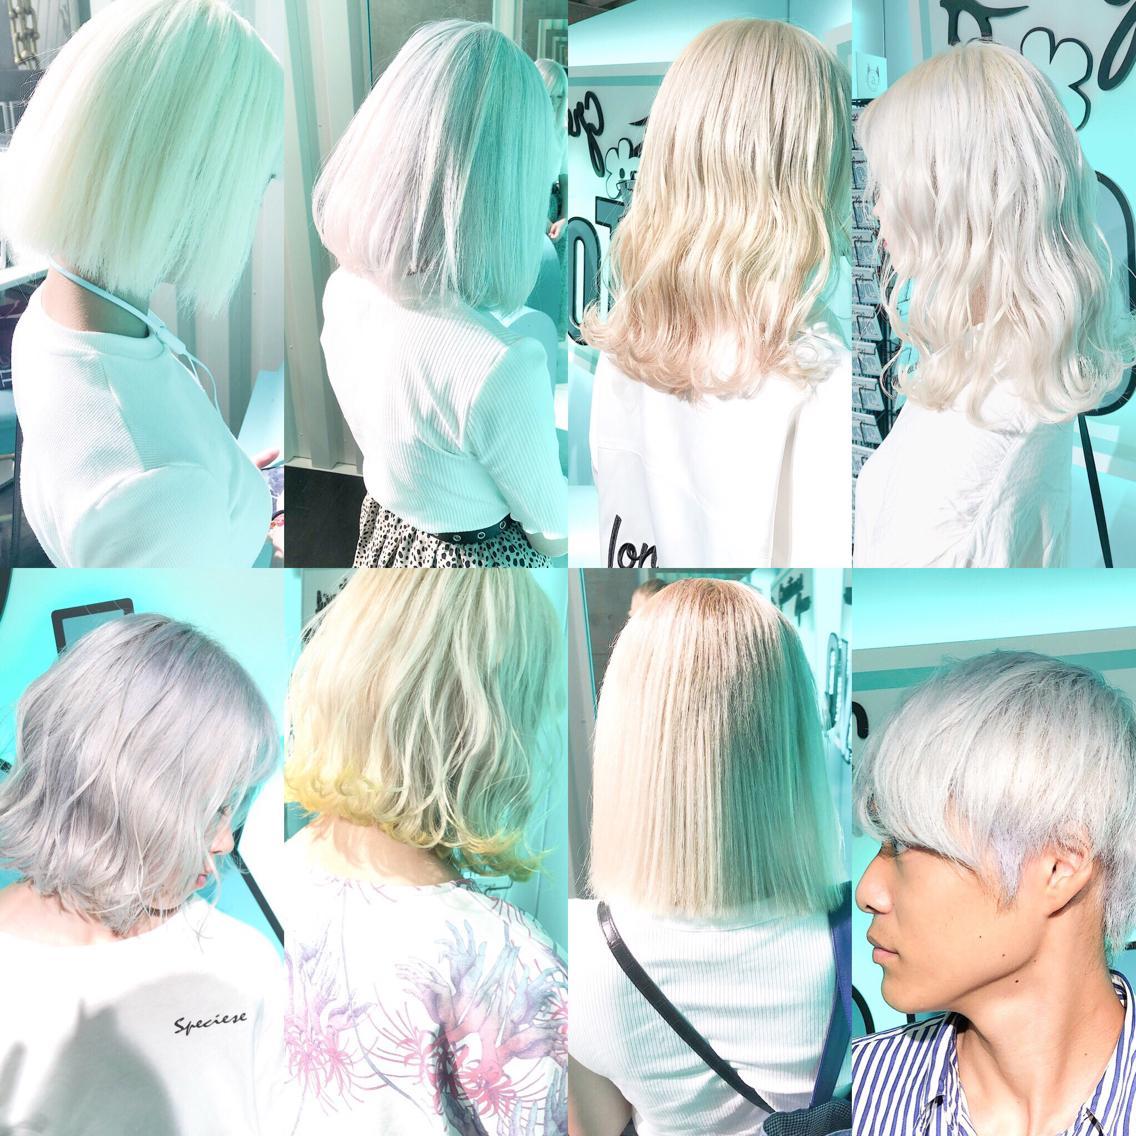 #ロング #カラー perfect White  ホワイトにしたい方は是非私に任せてください!  あなたのなりたいを全力で叶えます!  3〜5回ブリーチは必須です!  元々ダメージが強い方は1日では難しい場合もあるので 複数回に分けて長期計画でホワイトにするのがオススメです!!  minaではホワイトヘア用のヘアケアアイテムを多数ご用意がございますのでご自宅でのヘアケアも上手くできるようご説明致します!    ・perfect White・ ✳︎10800円〜✳︎ ✳︎minaでブリーチ3〜5回出来れば綺麗なホワイトヘアを作れます👻 ✳︎ ✳︎ダメージが強いとブリーチが出来ない場合もあるのでご了承ください ✳︎ムラシャンはエンシェールズのシャンプーを薄めて使うのがオススメ🧖🏻♀️ ✳︎ ✳︎黒染めや縮毛、デジパをしていなくてダメージがひどくなければおおよそ4〜5回ブリーチで出来ます🦄✳︎ 最後まで可愛く仕上げます🇰🇷 ✳︎ お店の近くにあるティファニーカフェで映えな写真もプレゼントします🦄 ✳︎ ✳︎黒染め履歴、ダメージが強い方はでホワイトにはならないです💦  #原宿#ハイトーンカラー#シルバーカラー#ヘアカラー#ネイビーカラー#ホワイトカラー#ブロンドヘアー#アッシュ#ケアブリーチ#ブロンドカラー#派手髪#ラベンダーカラー#ミルクティーカラー#アッシュ#ミルクティーベージュ#ブルージュ#グレージュ#ピンクカラー#インナーカラー#ハイライトカラー#グラデーションカラー#bts#seventeen#twice ✳︎ ✳︎ ✳︎